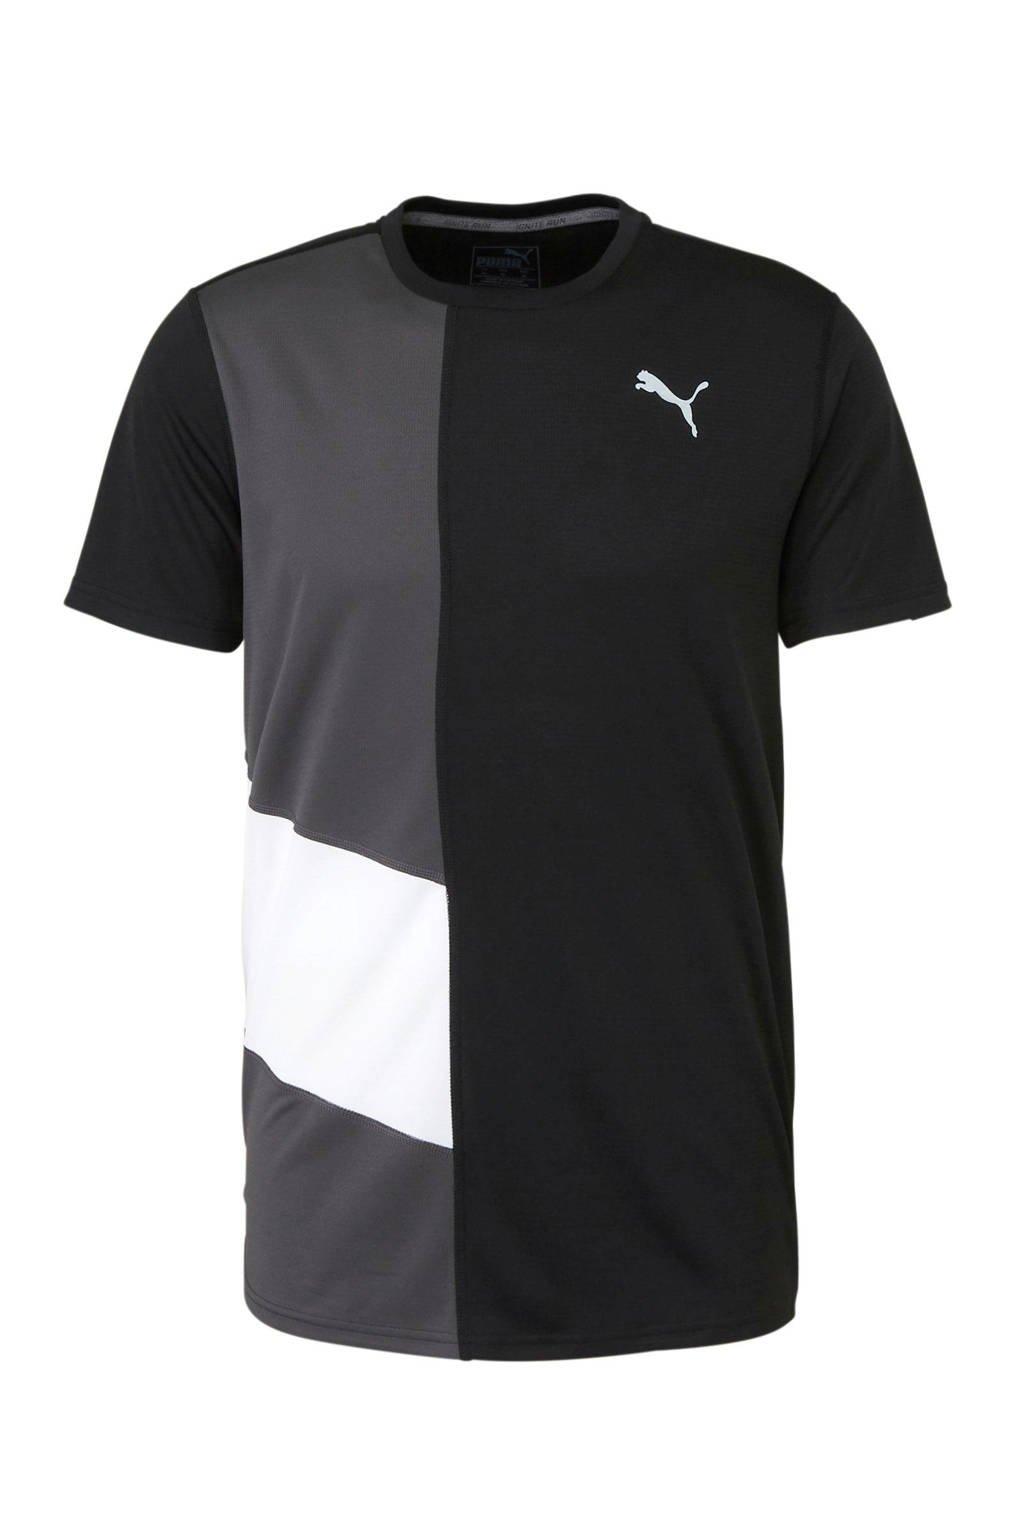 Puma   sport T-shirt zwart, Zwart/grijs